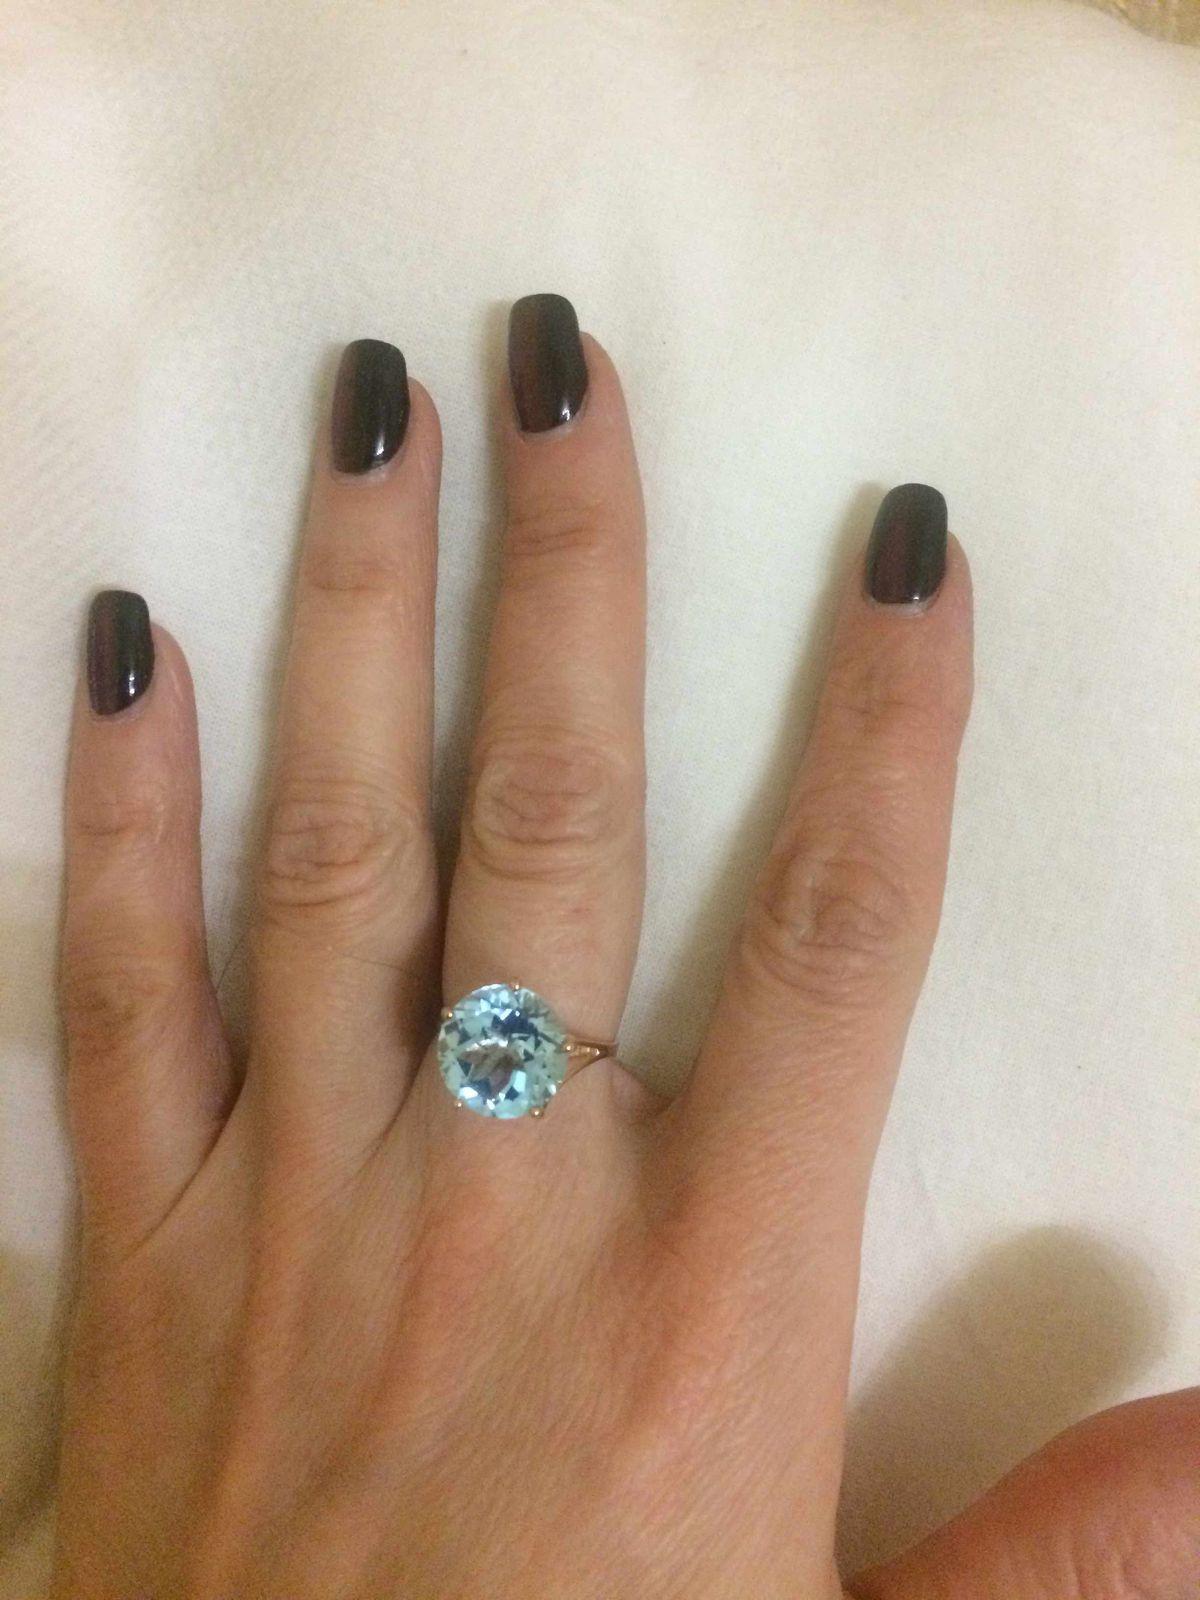 Красивое романтическое кольцо с голубым топазом подойдет на светский раут